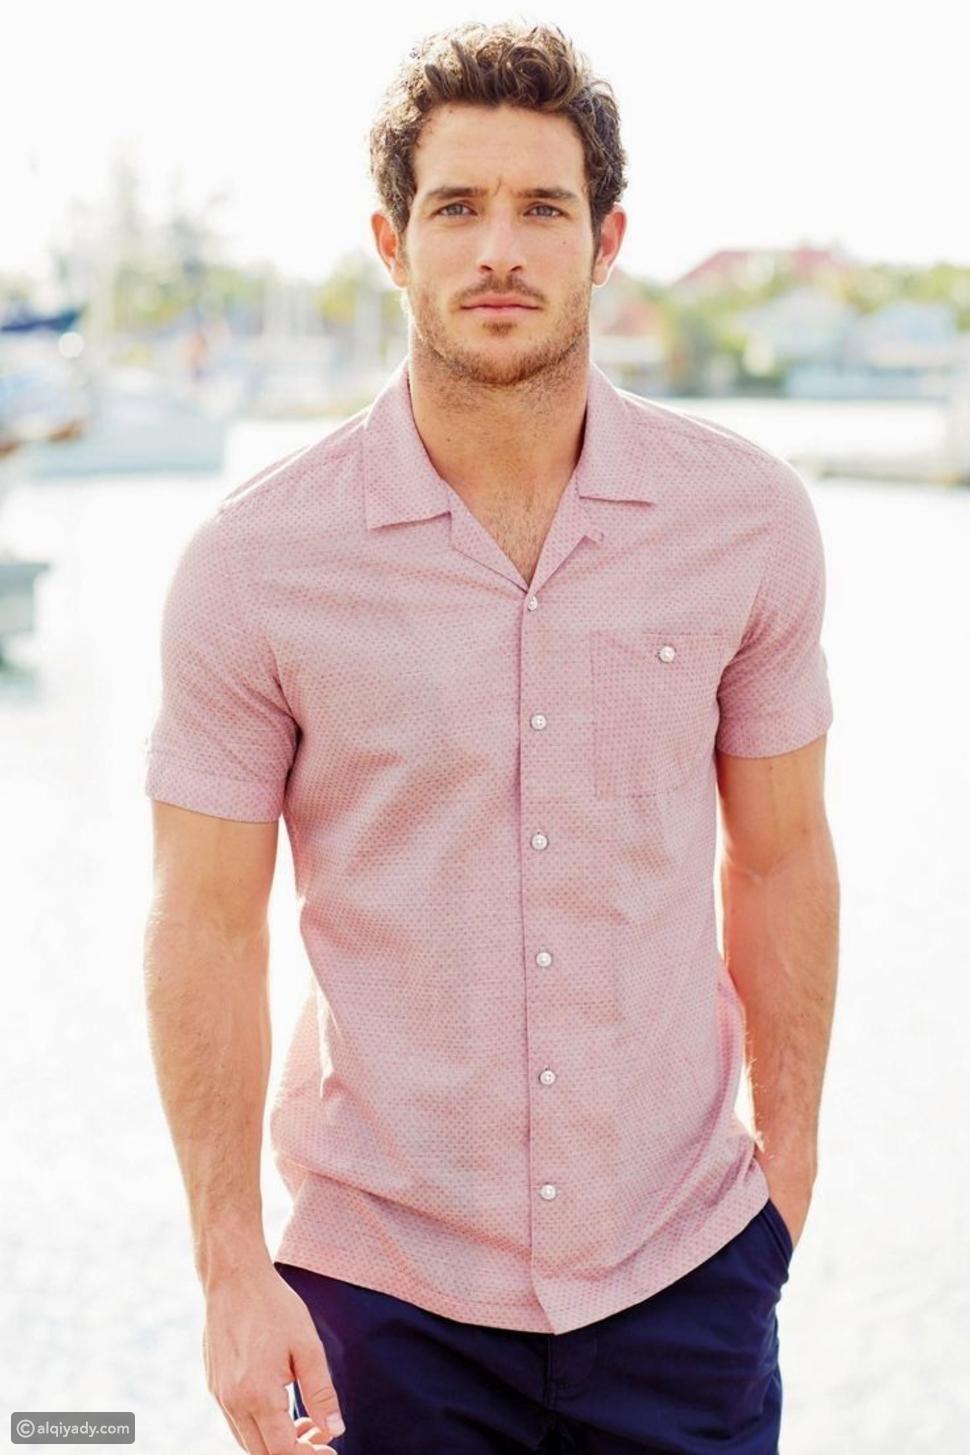 لخزانة صيفية: كيف ترتدي اللون الوردي في ملابسك؟